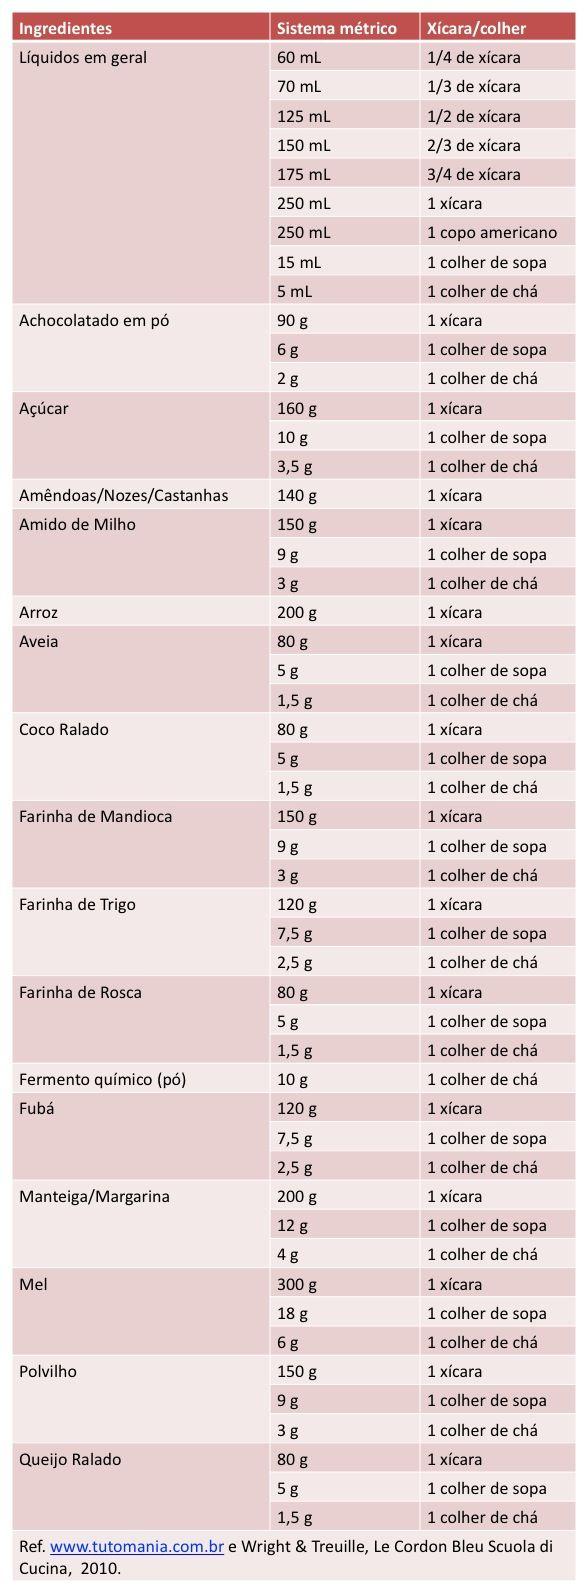 Tabela muito útil na cozinha, no nosso caso é só desconsiderar as substâncias com glúten, rsrsrsrs.....